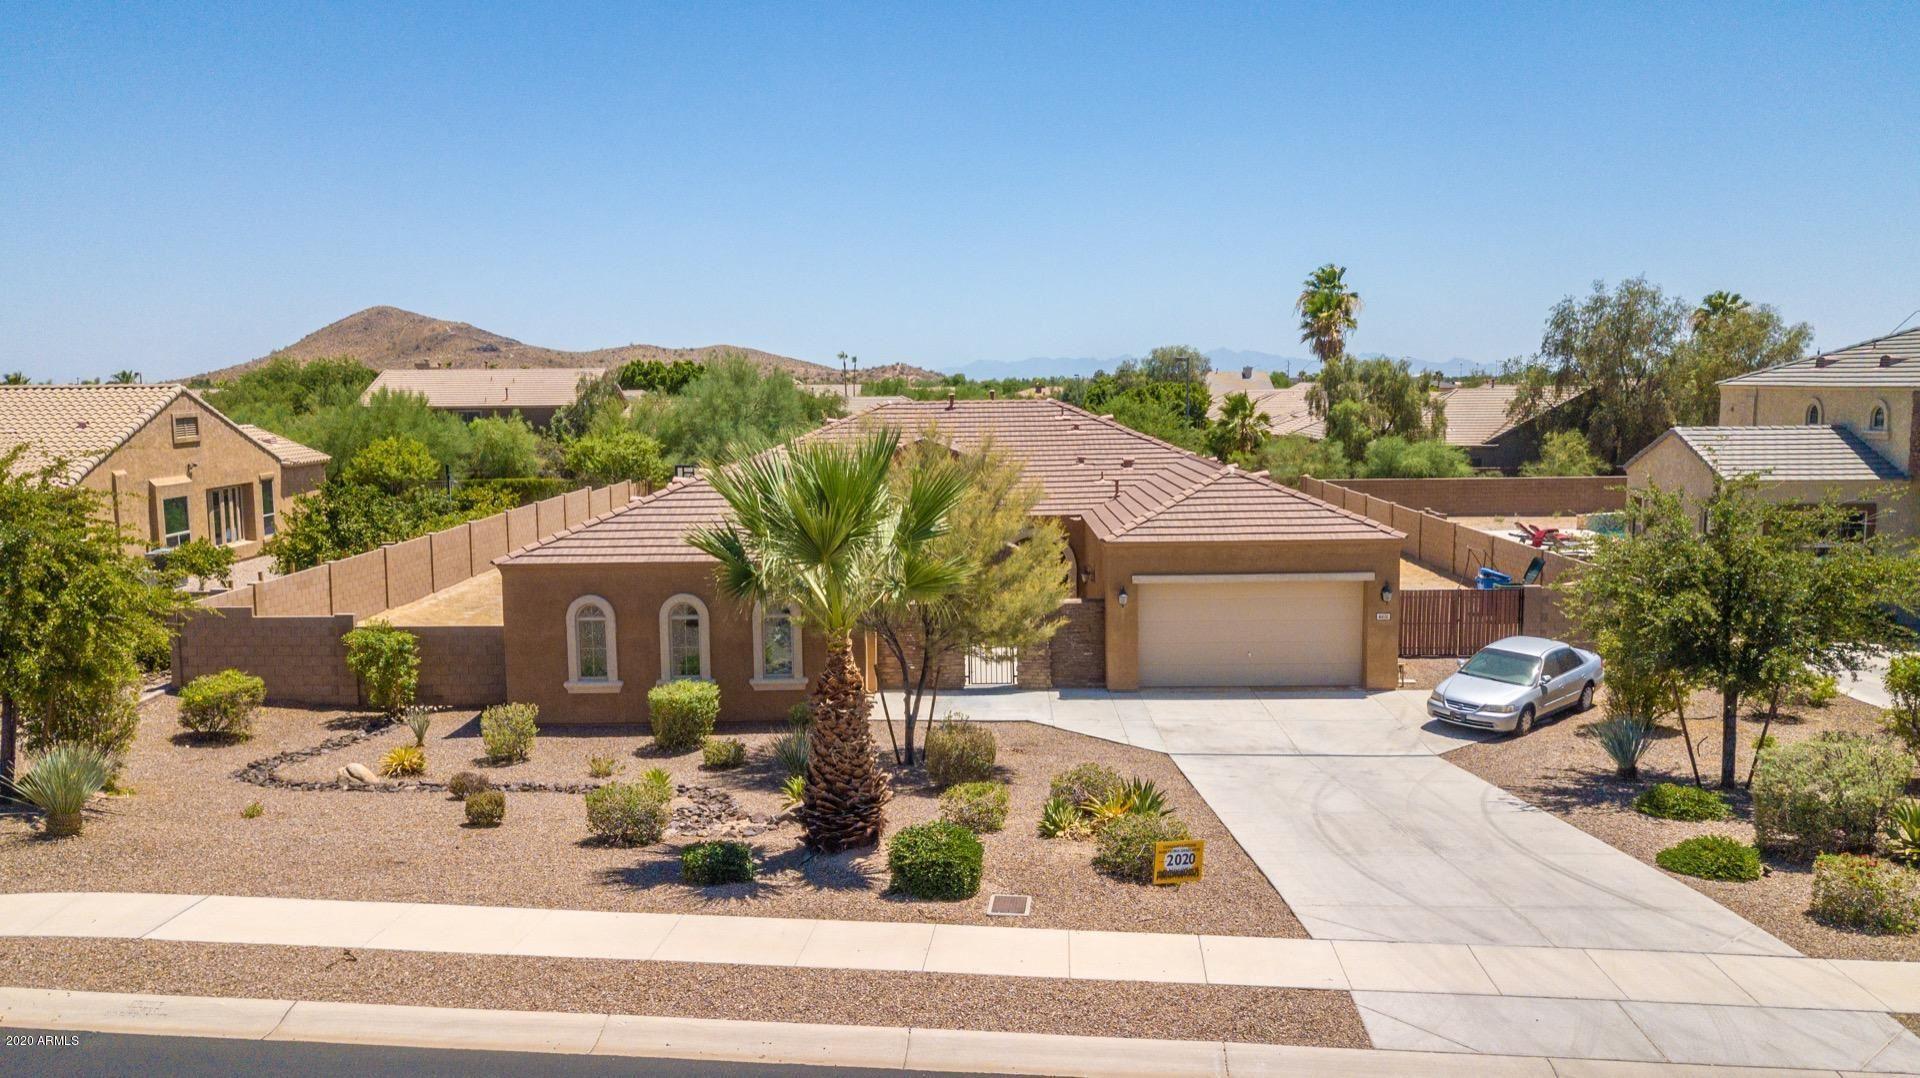 6615 W LEIBER Place, Glendale, AZ 85310 - #: 6097499